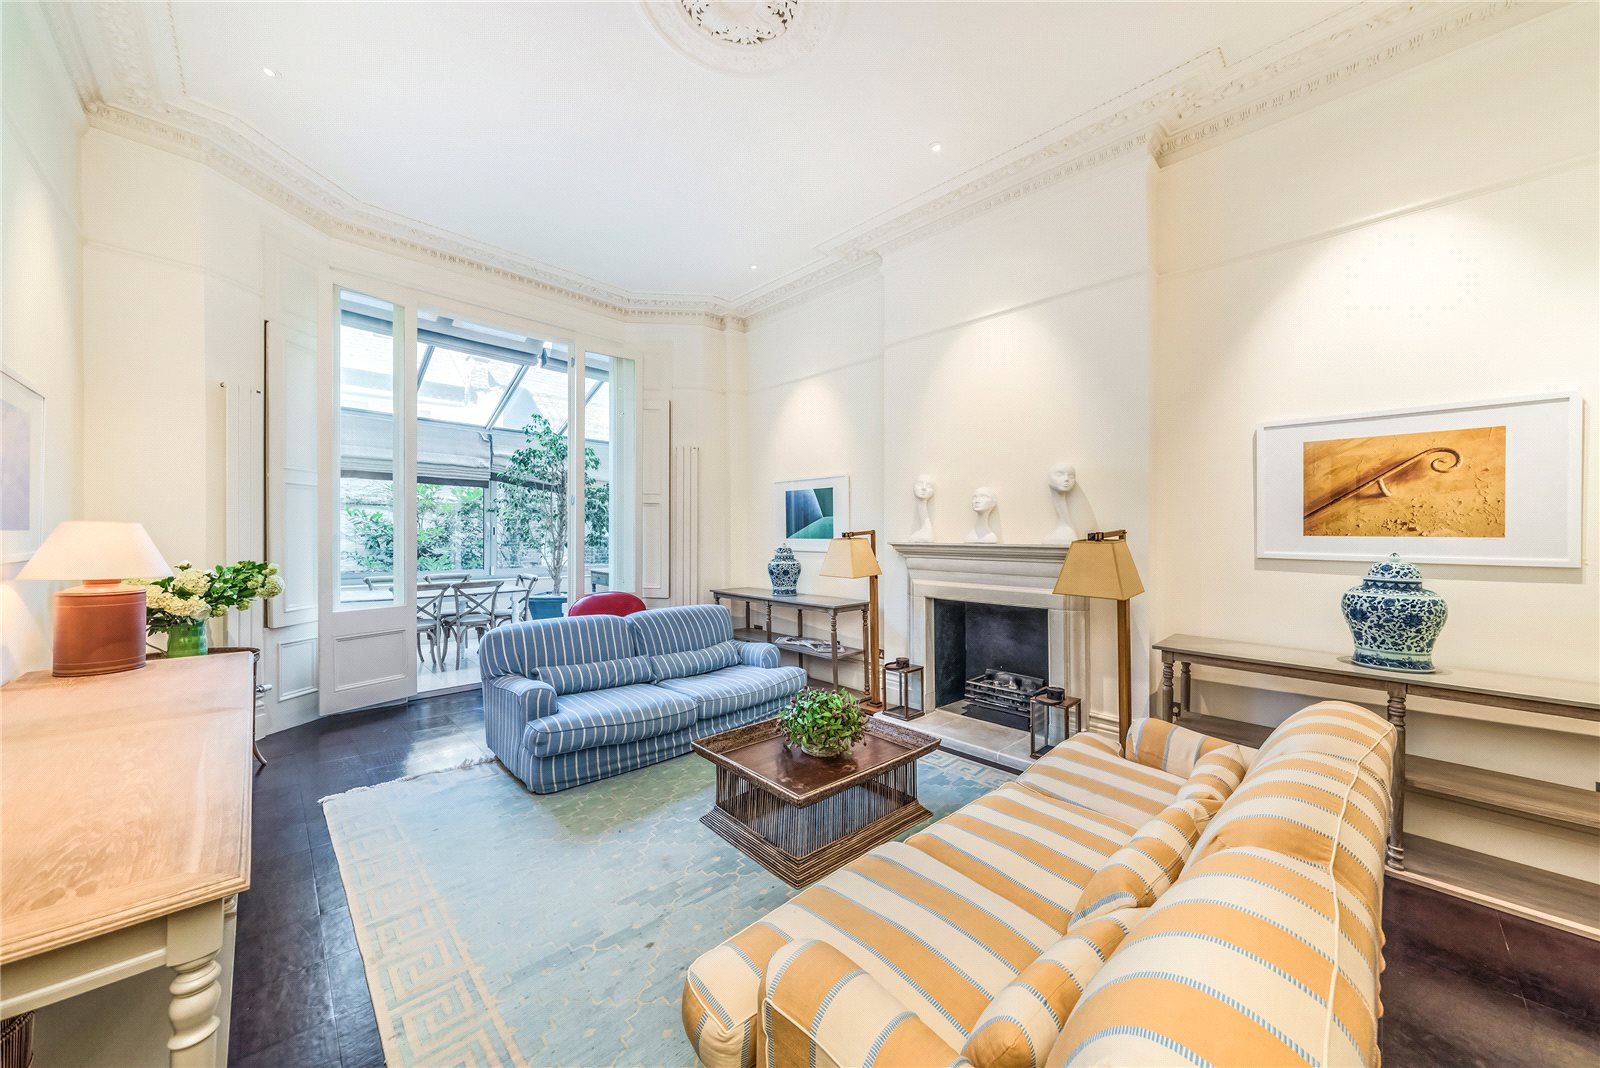 Apartamentos para Venda às Roland Gardens, South Kensington, SW7 South Kensington, Inglaterra